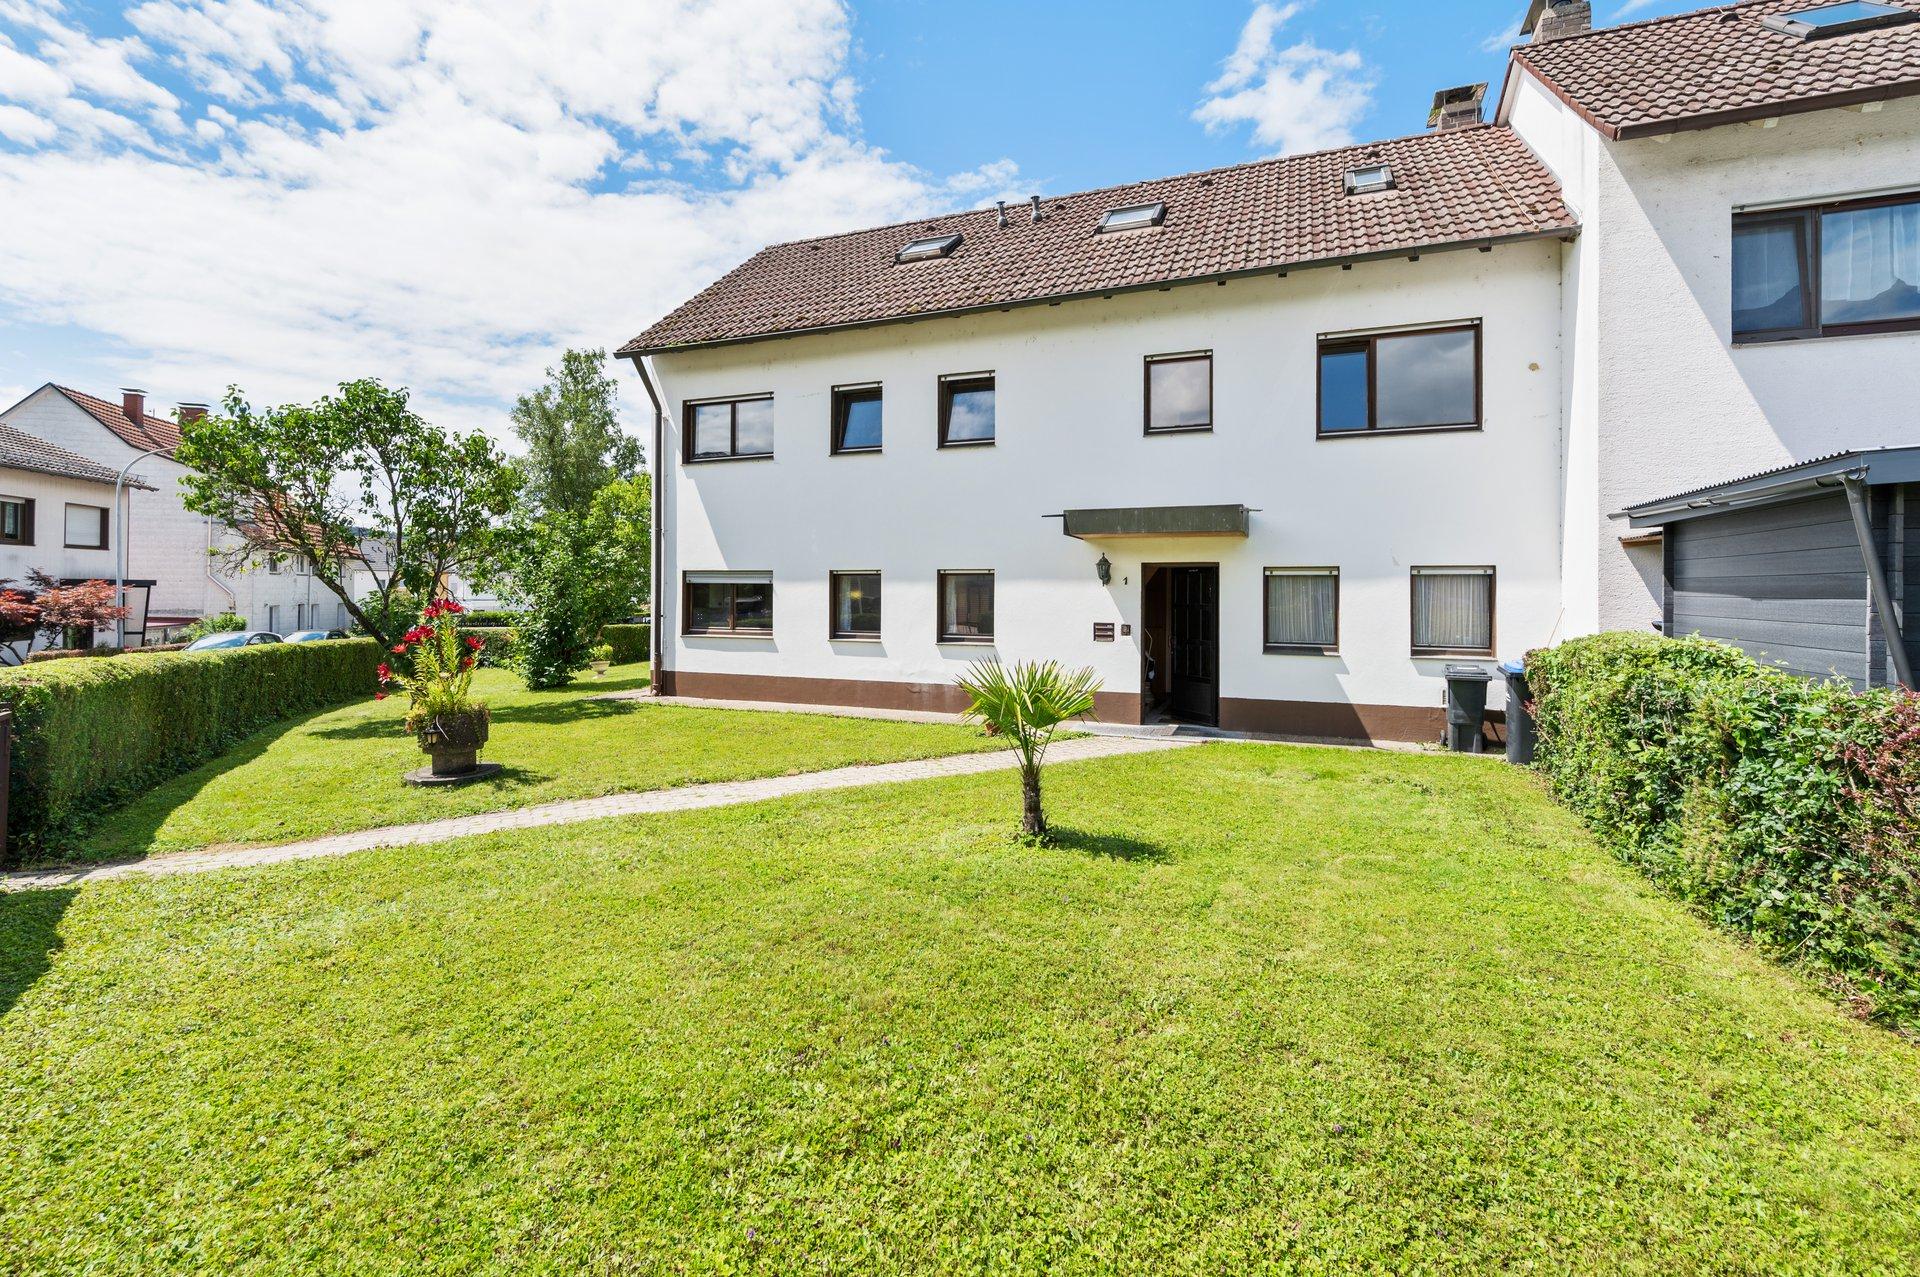 Familientraum! Mehrgenerationenhaus mit großem Garten und drei Garagen in Toplage in Steinen